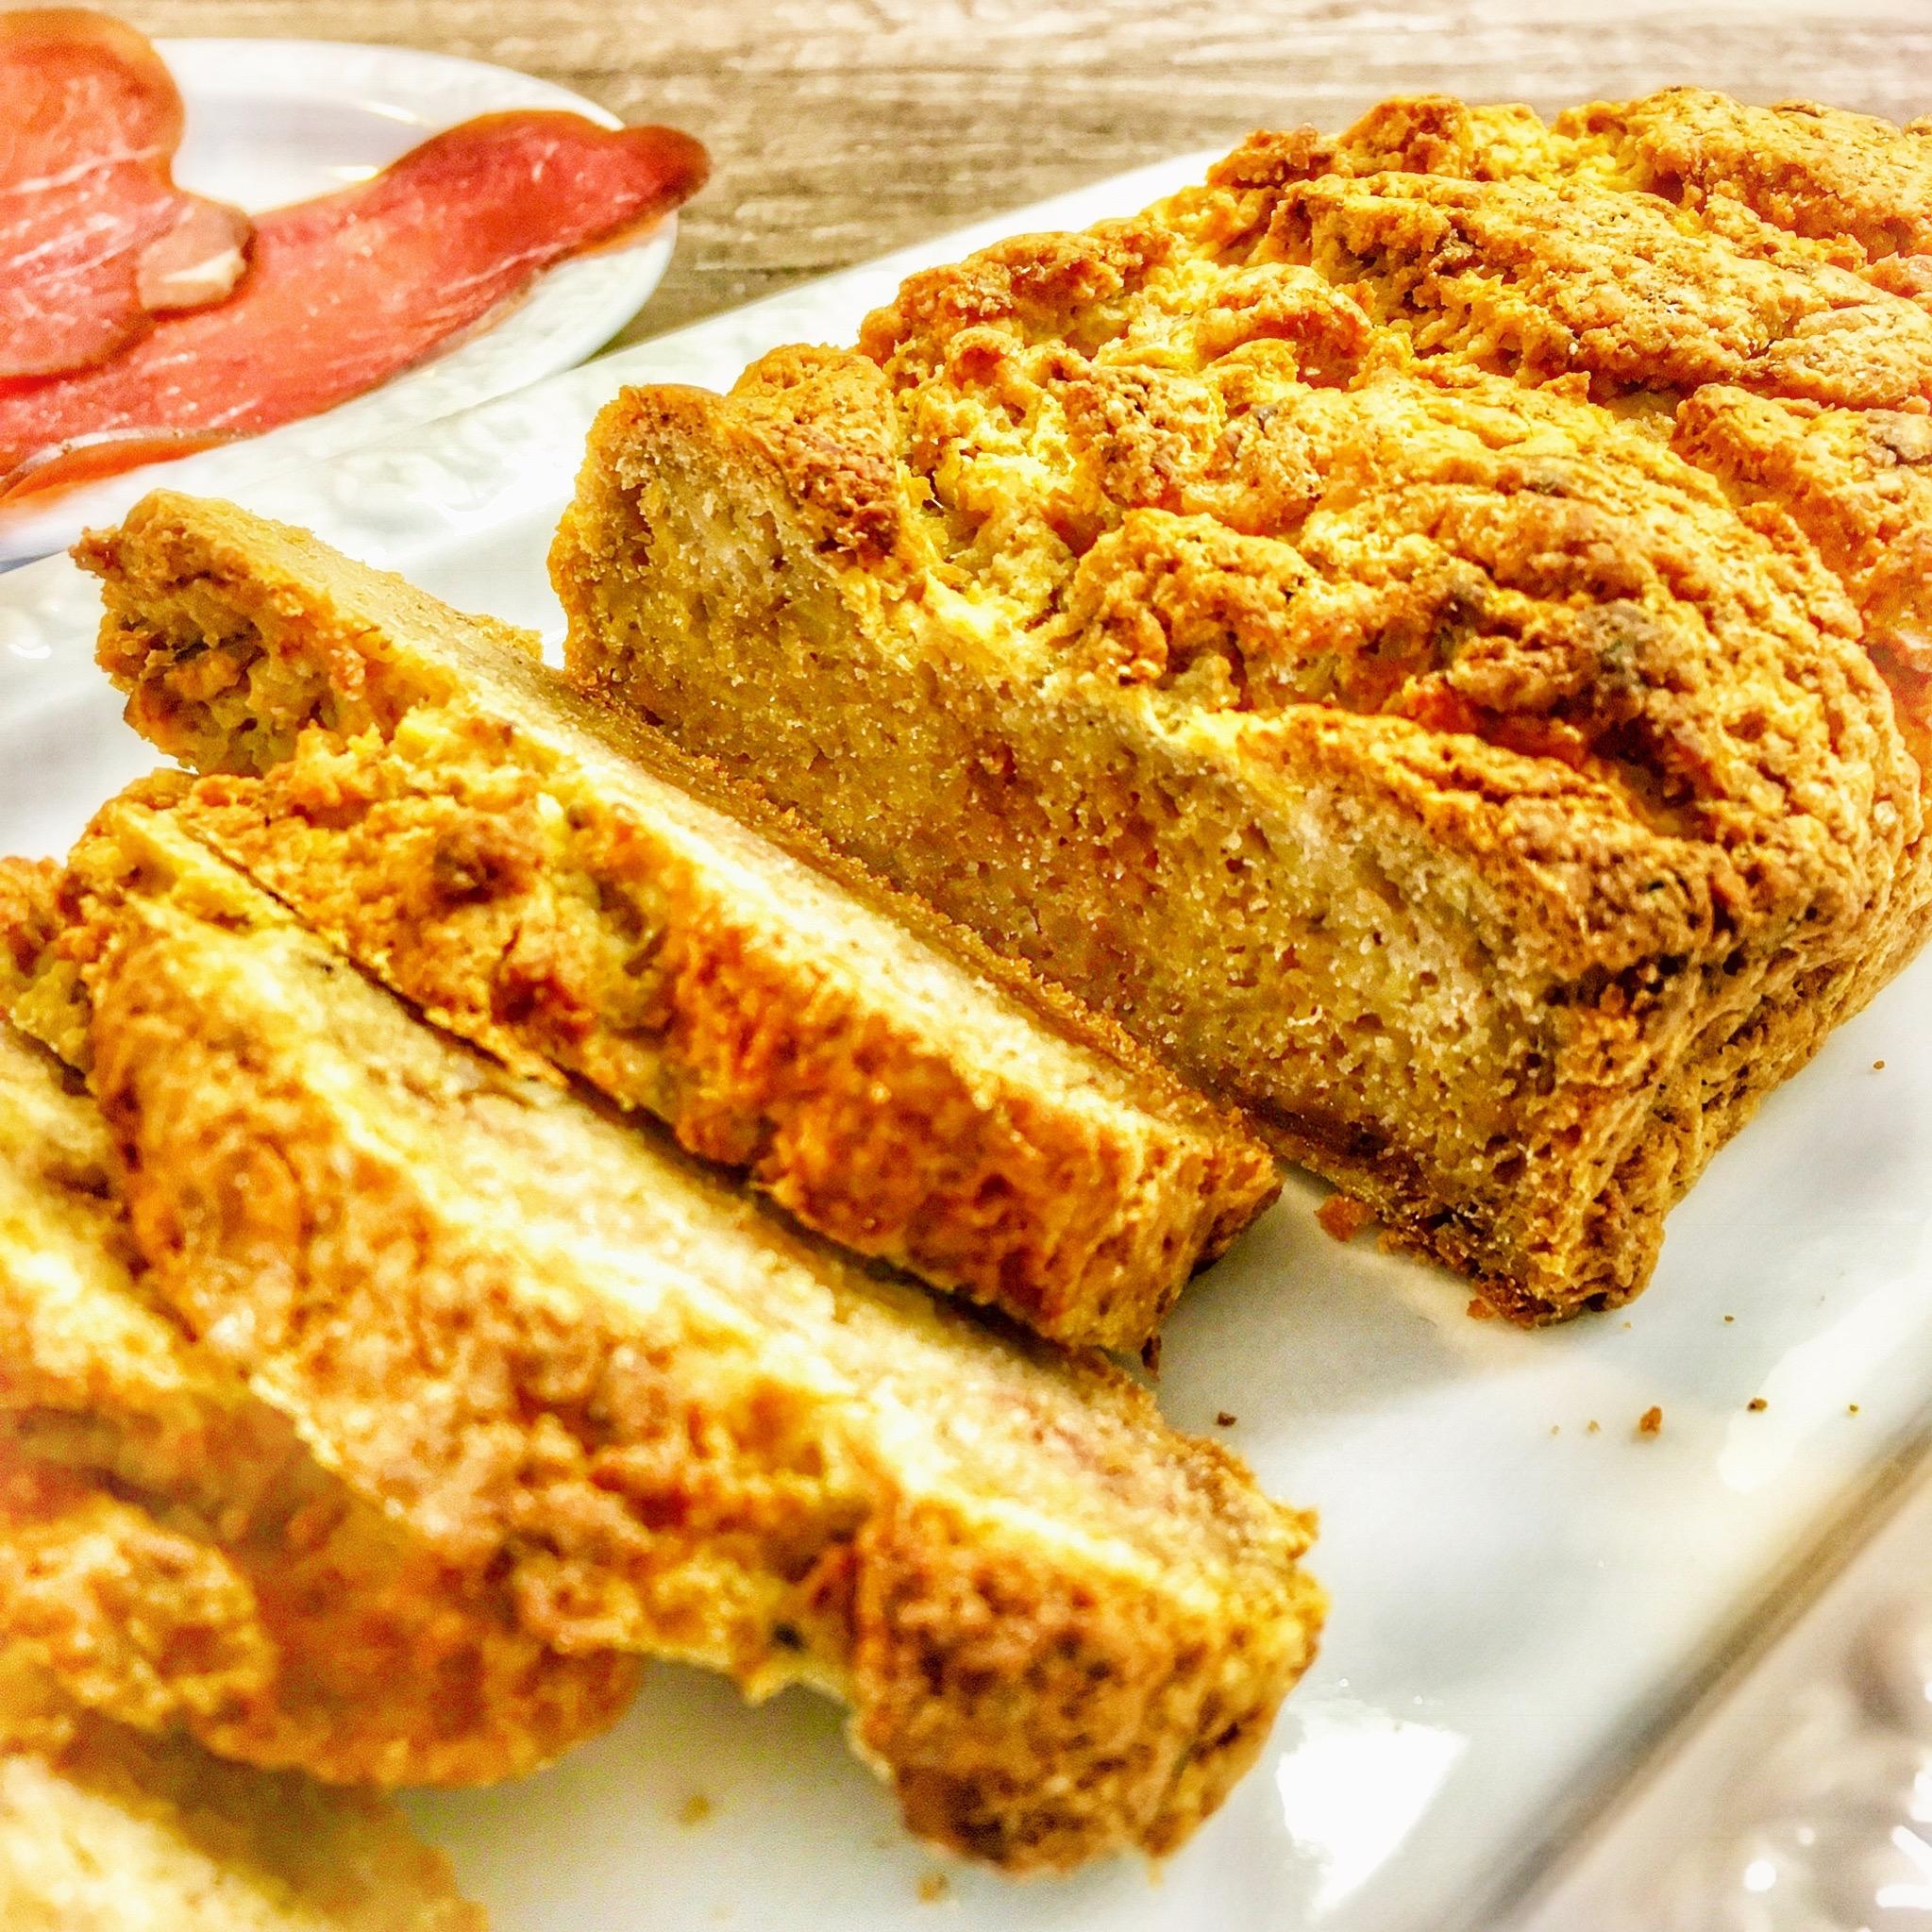 Unser knuspriges AIP Brot ist vollkommen getreidefrei. Es eignet sich damit auch für die Paleo Ernährung. Da es relativ mild im Geschmack ist, eignet es sich für süße und deftige Beläge gleichermaßen. Lecker!